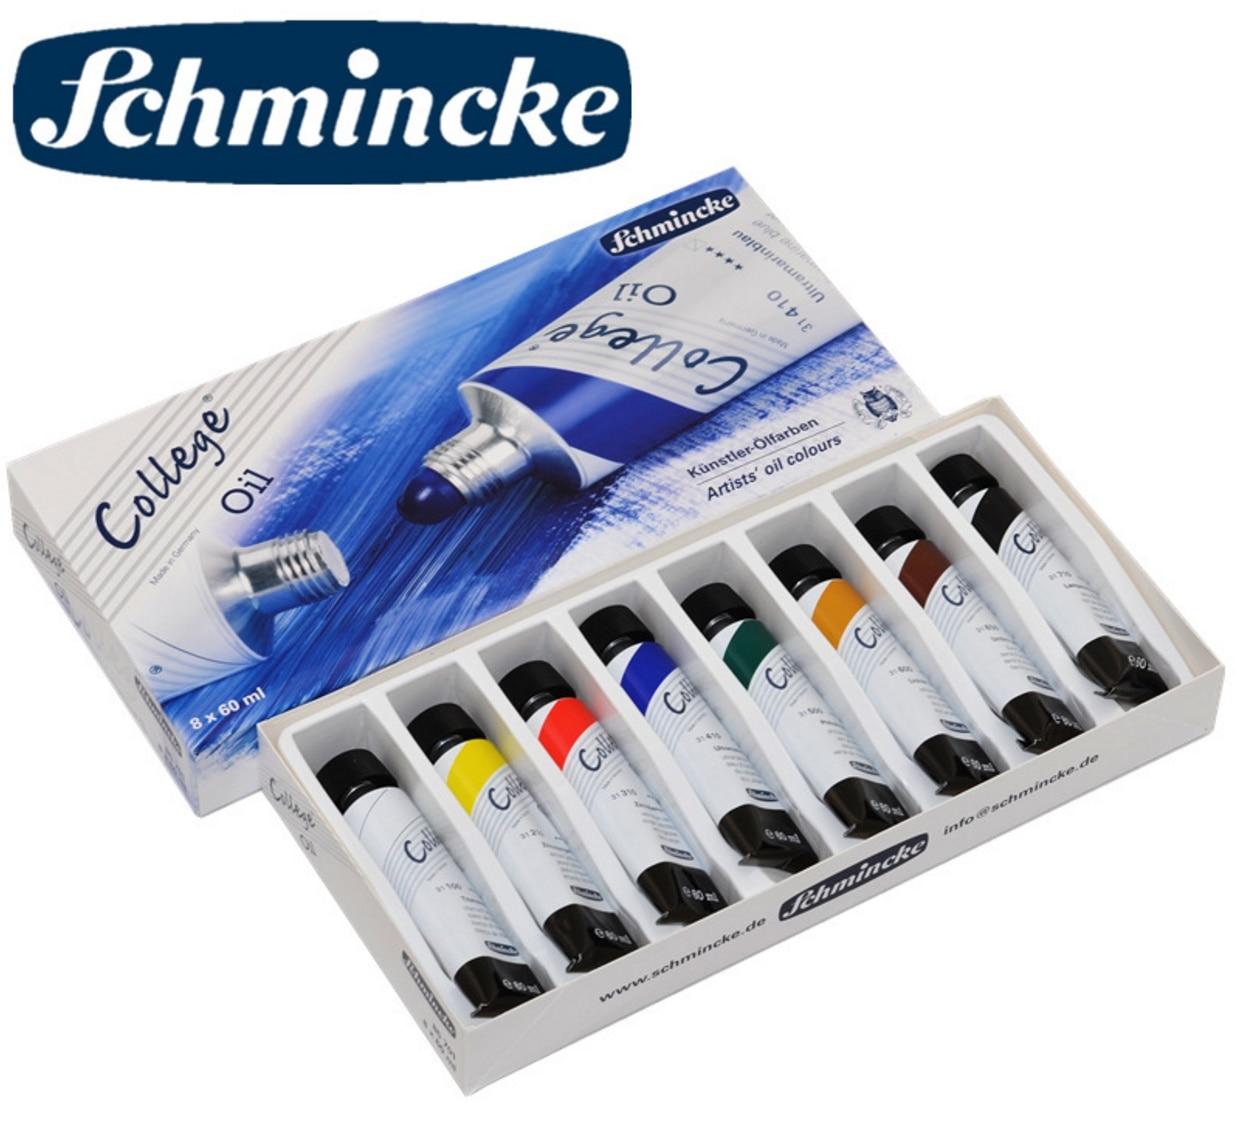 Germany Schmincke 8 color College level  Oil paints paper box suit 10 color Oil paints rofessional artist level wooden box suit<br><br>Aliexpress